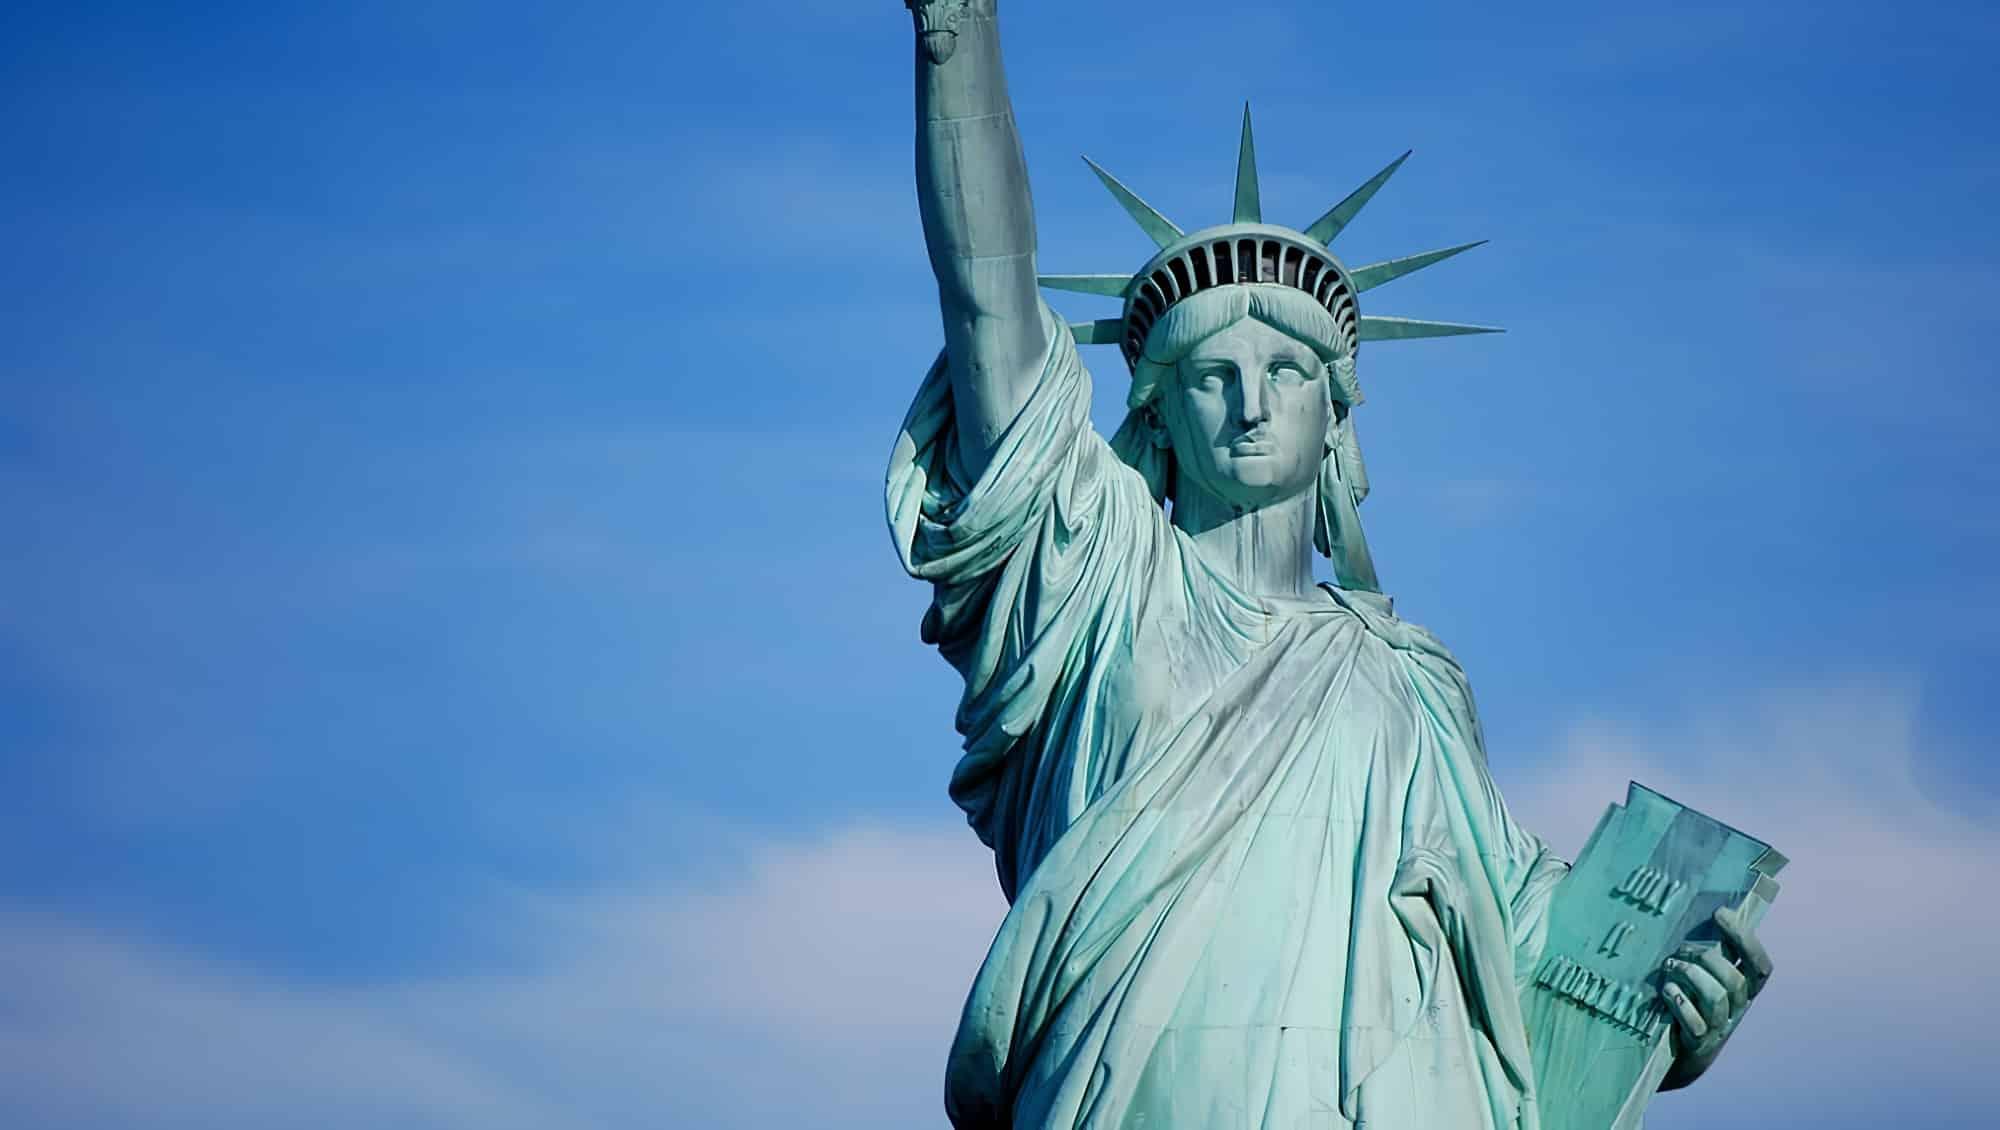 Extrêmement faits et anecdotes sur la Statue de la Liberté QA11